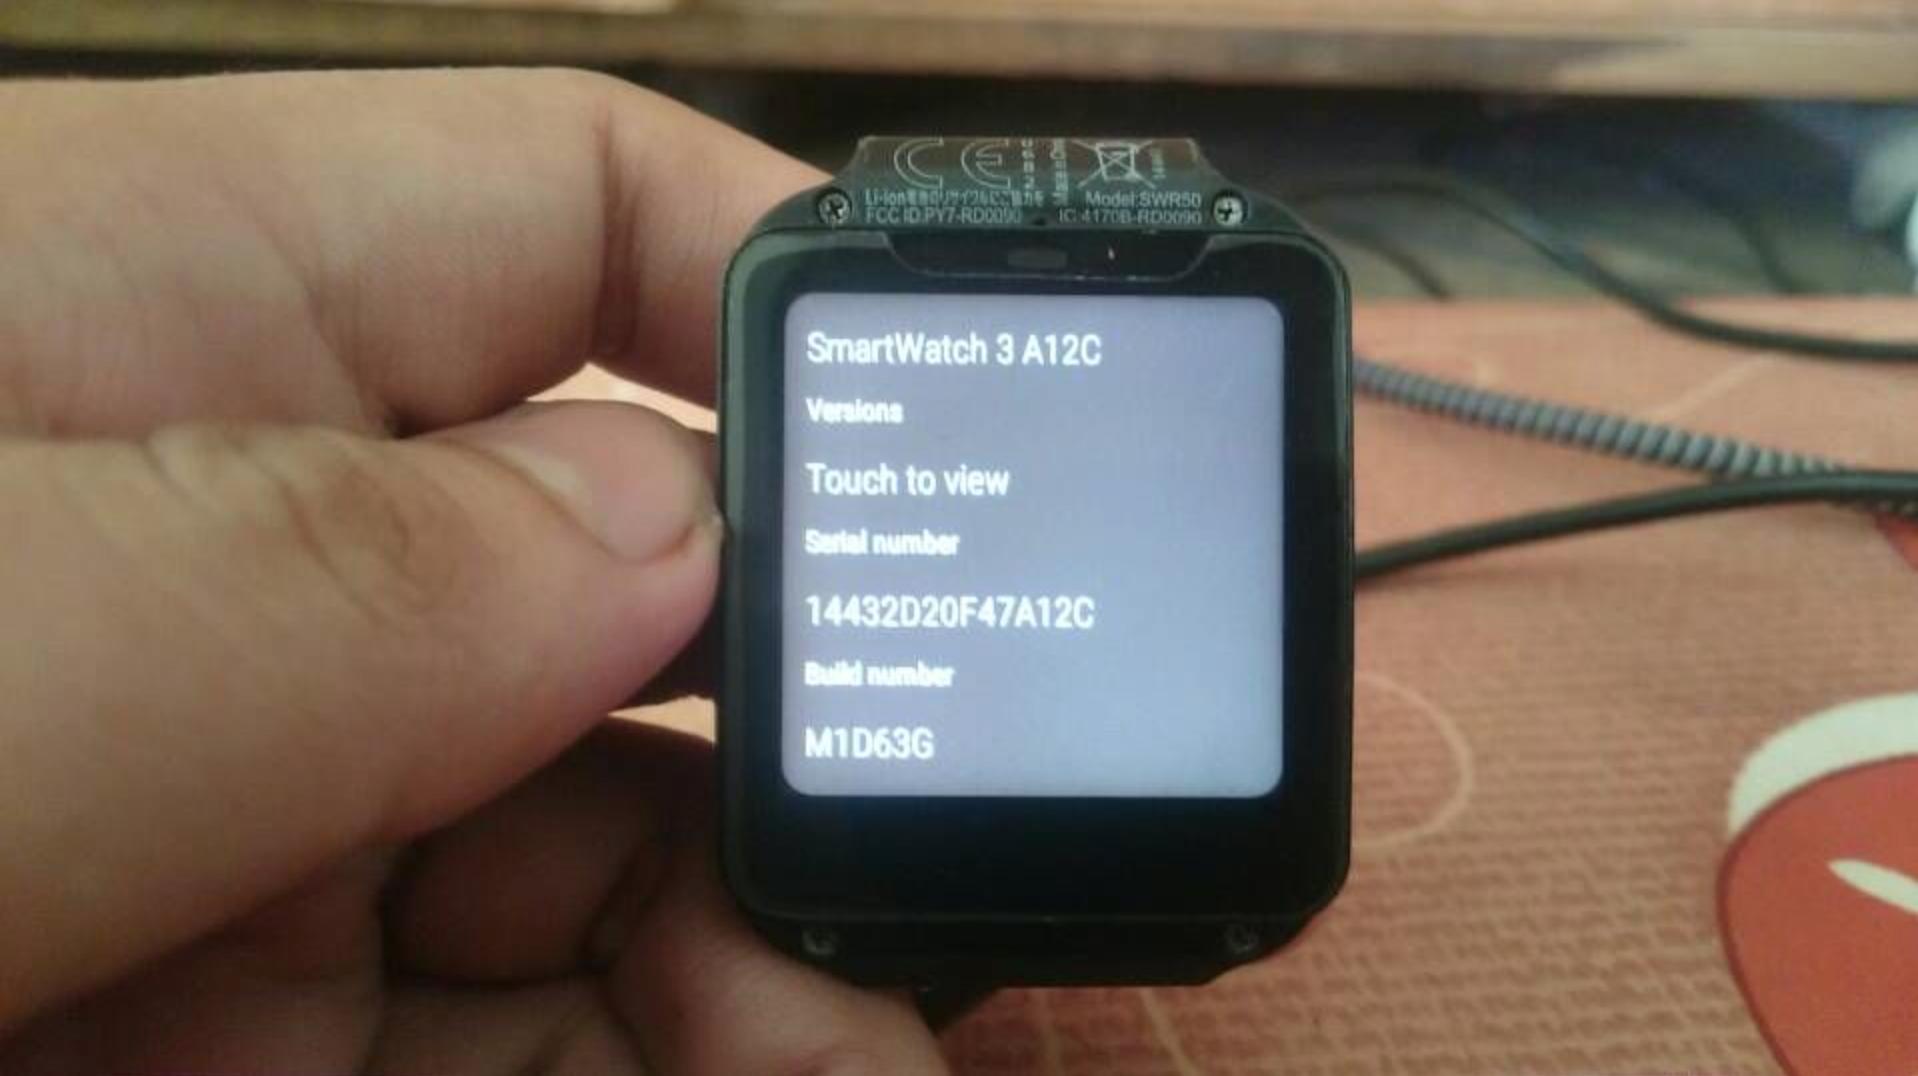 SmartWatch 3 M1D63G update